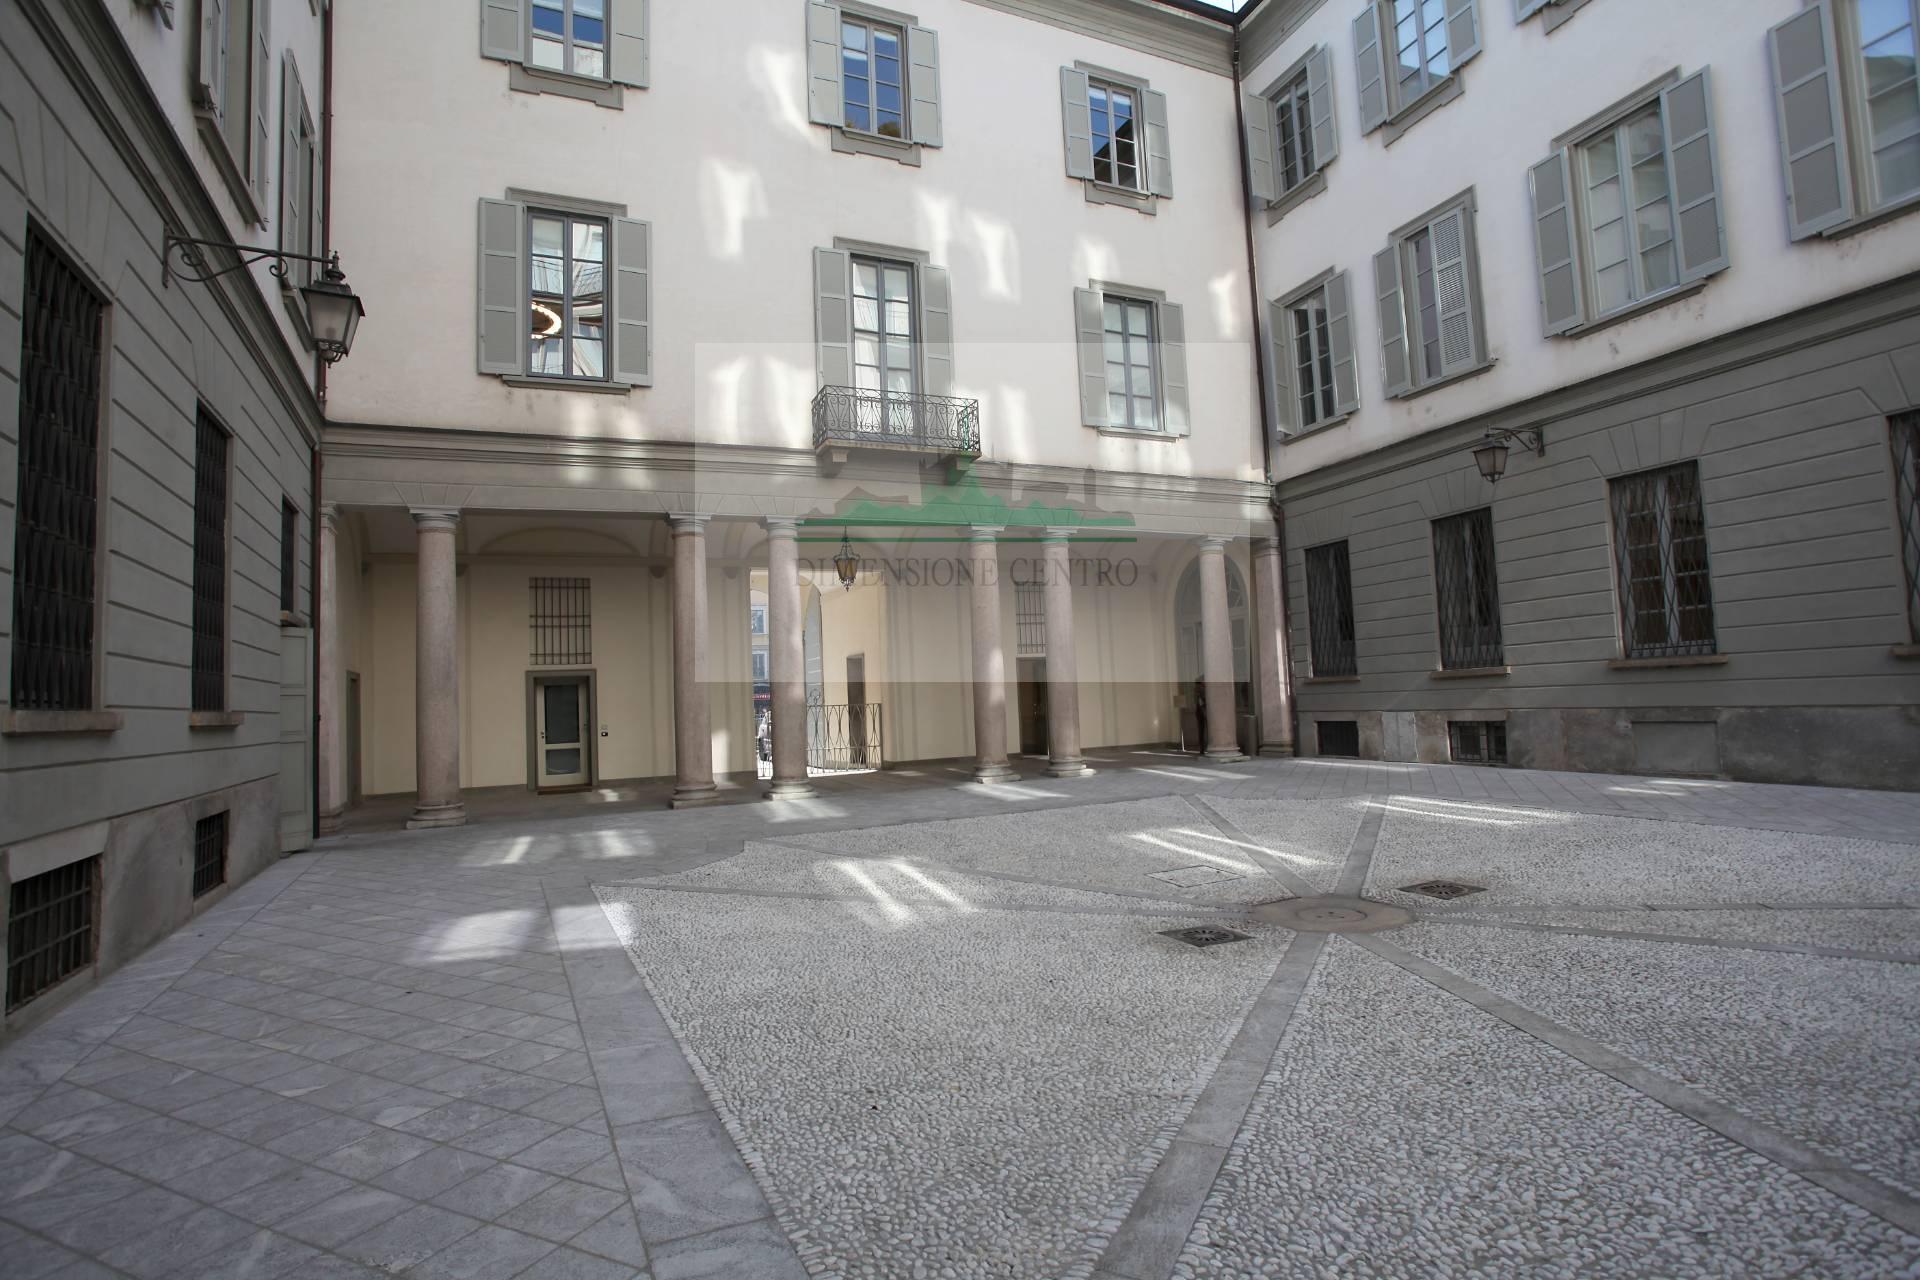 Camera Matrimoniale Completa A Milano.Appartamento In Locazione A Milano Rif Dim 1227